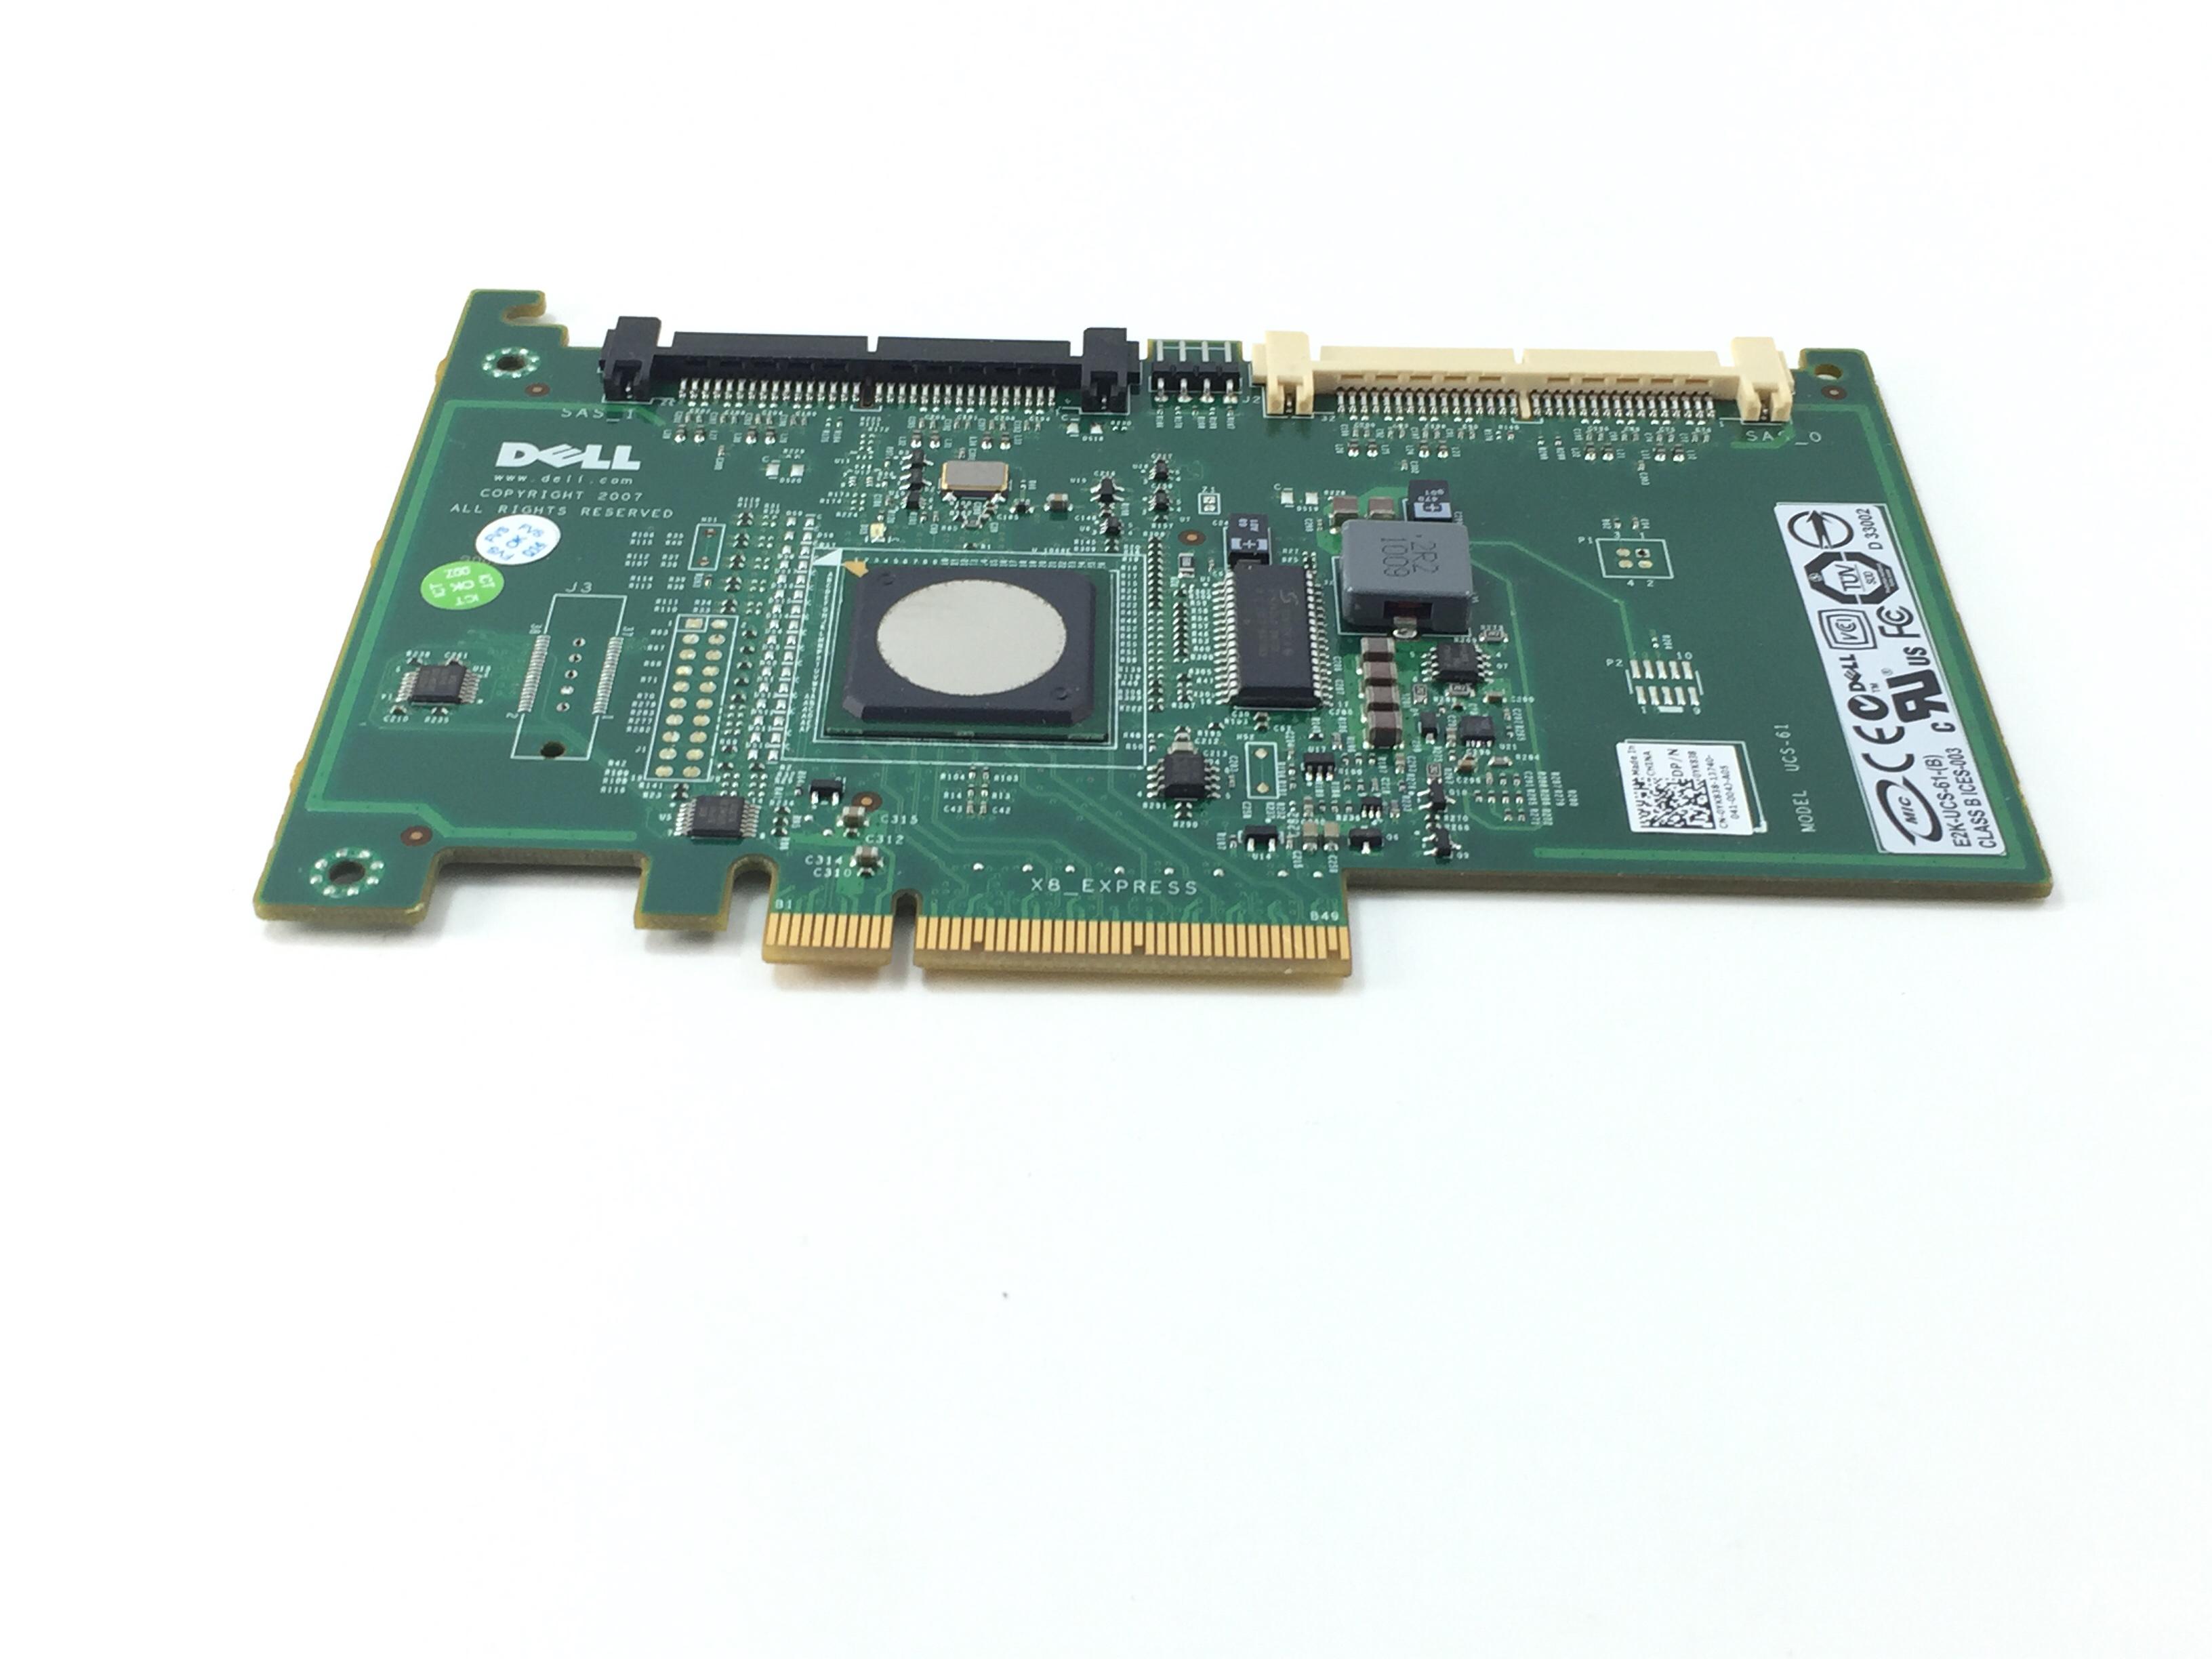 Dell PowerEdge  6/Ir SAS/SATA Controller (CR679)